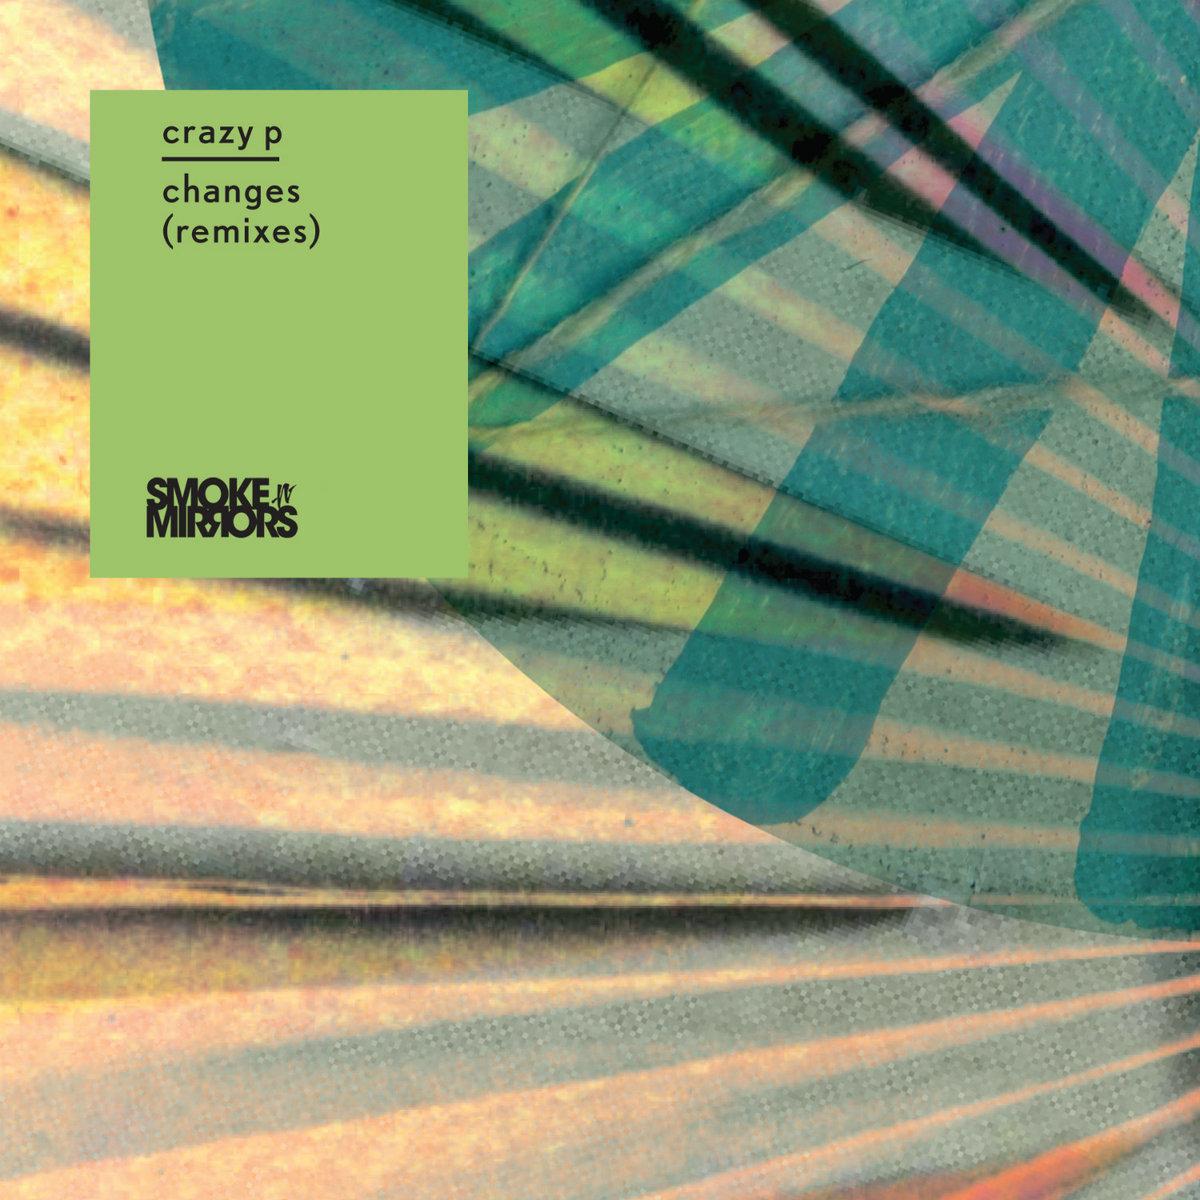 CRAZYP008 - CRAZY P - CHANGES REMIXES